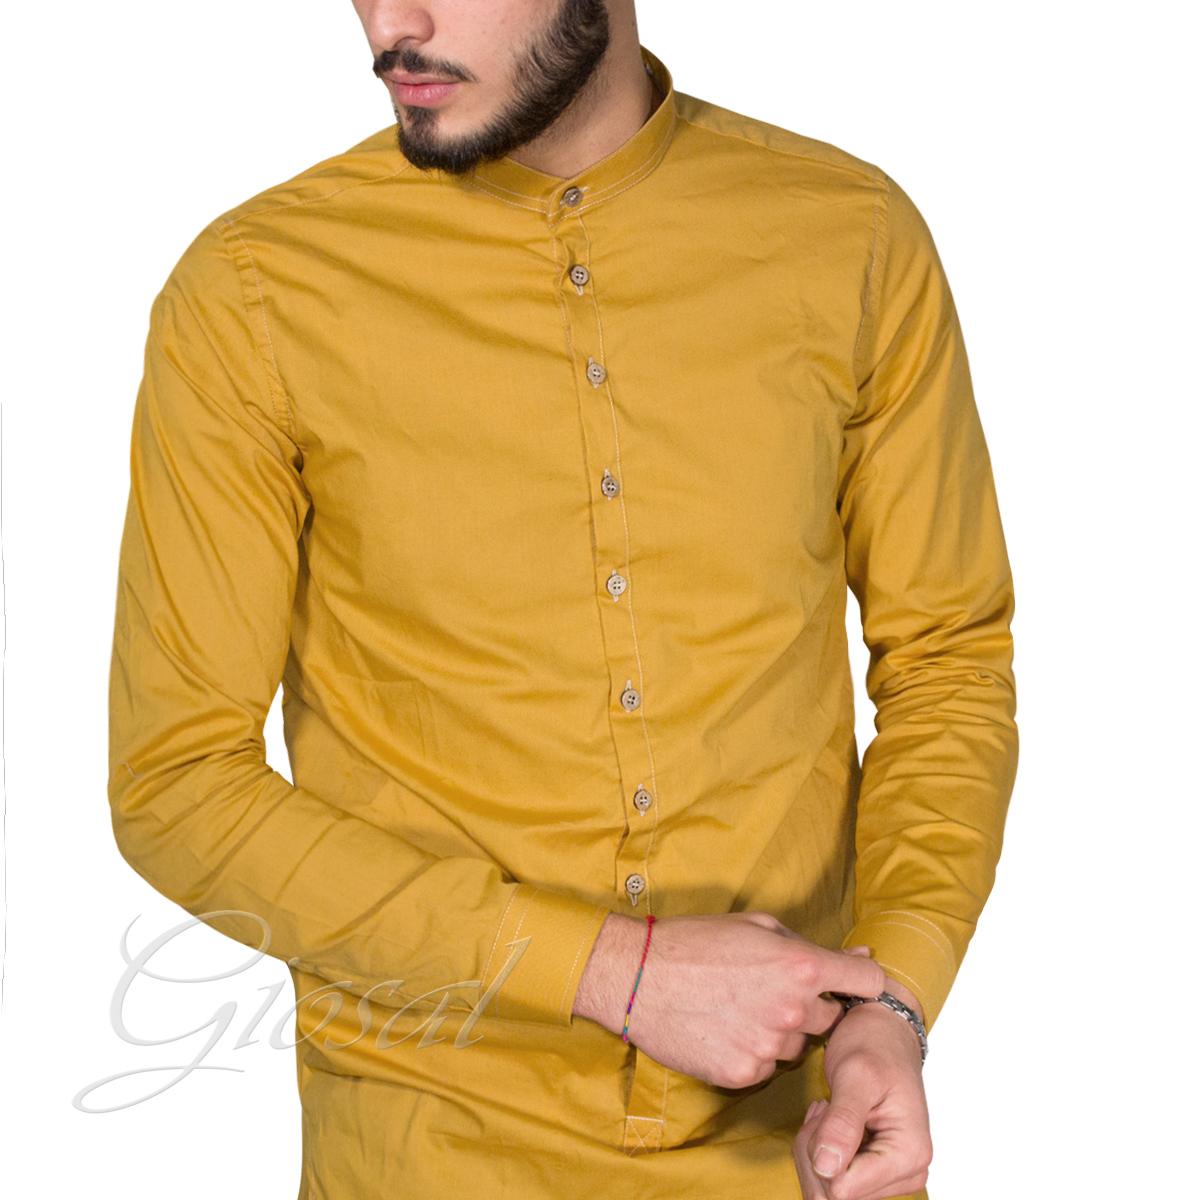 Camicia-Uomo-Over-D-Bottoni-Collo-Coreano-Tinta-Unita-Vari-Colori-Casual-GIOSAL miniatura 4